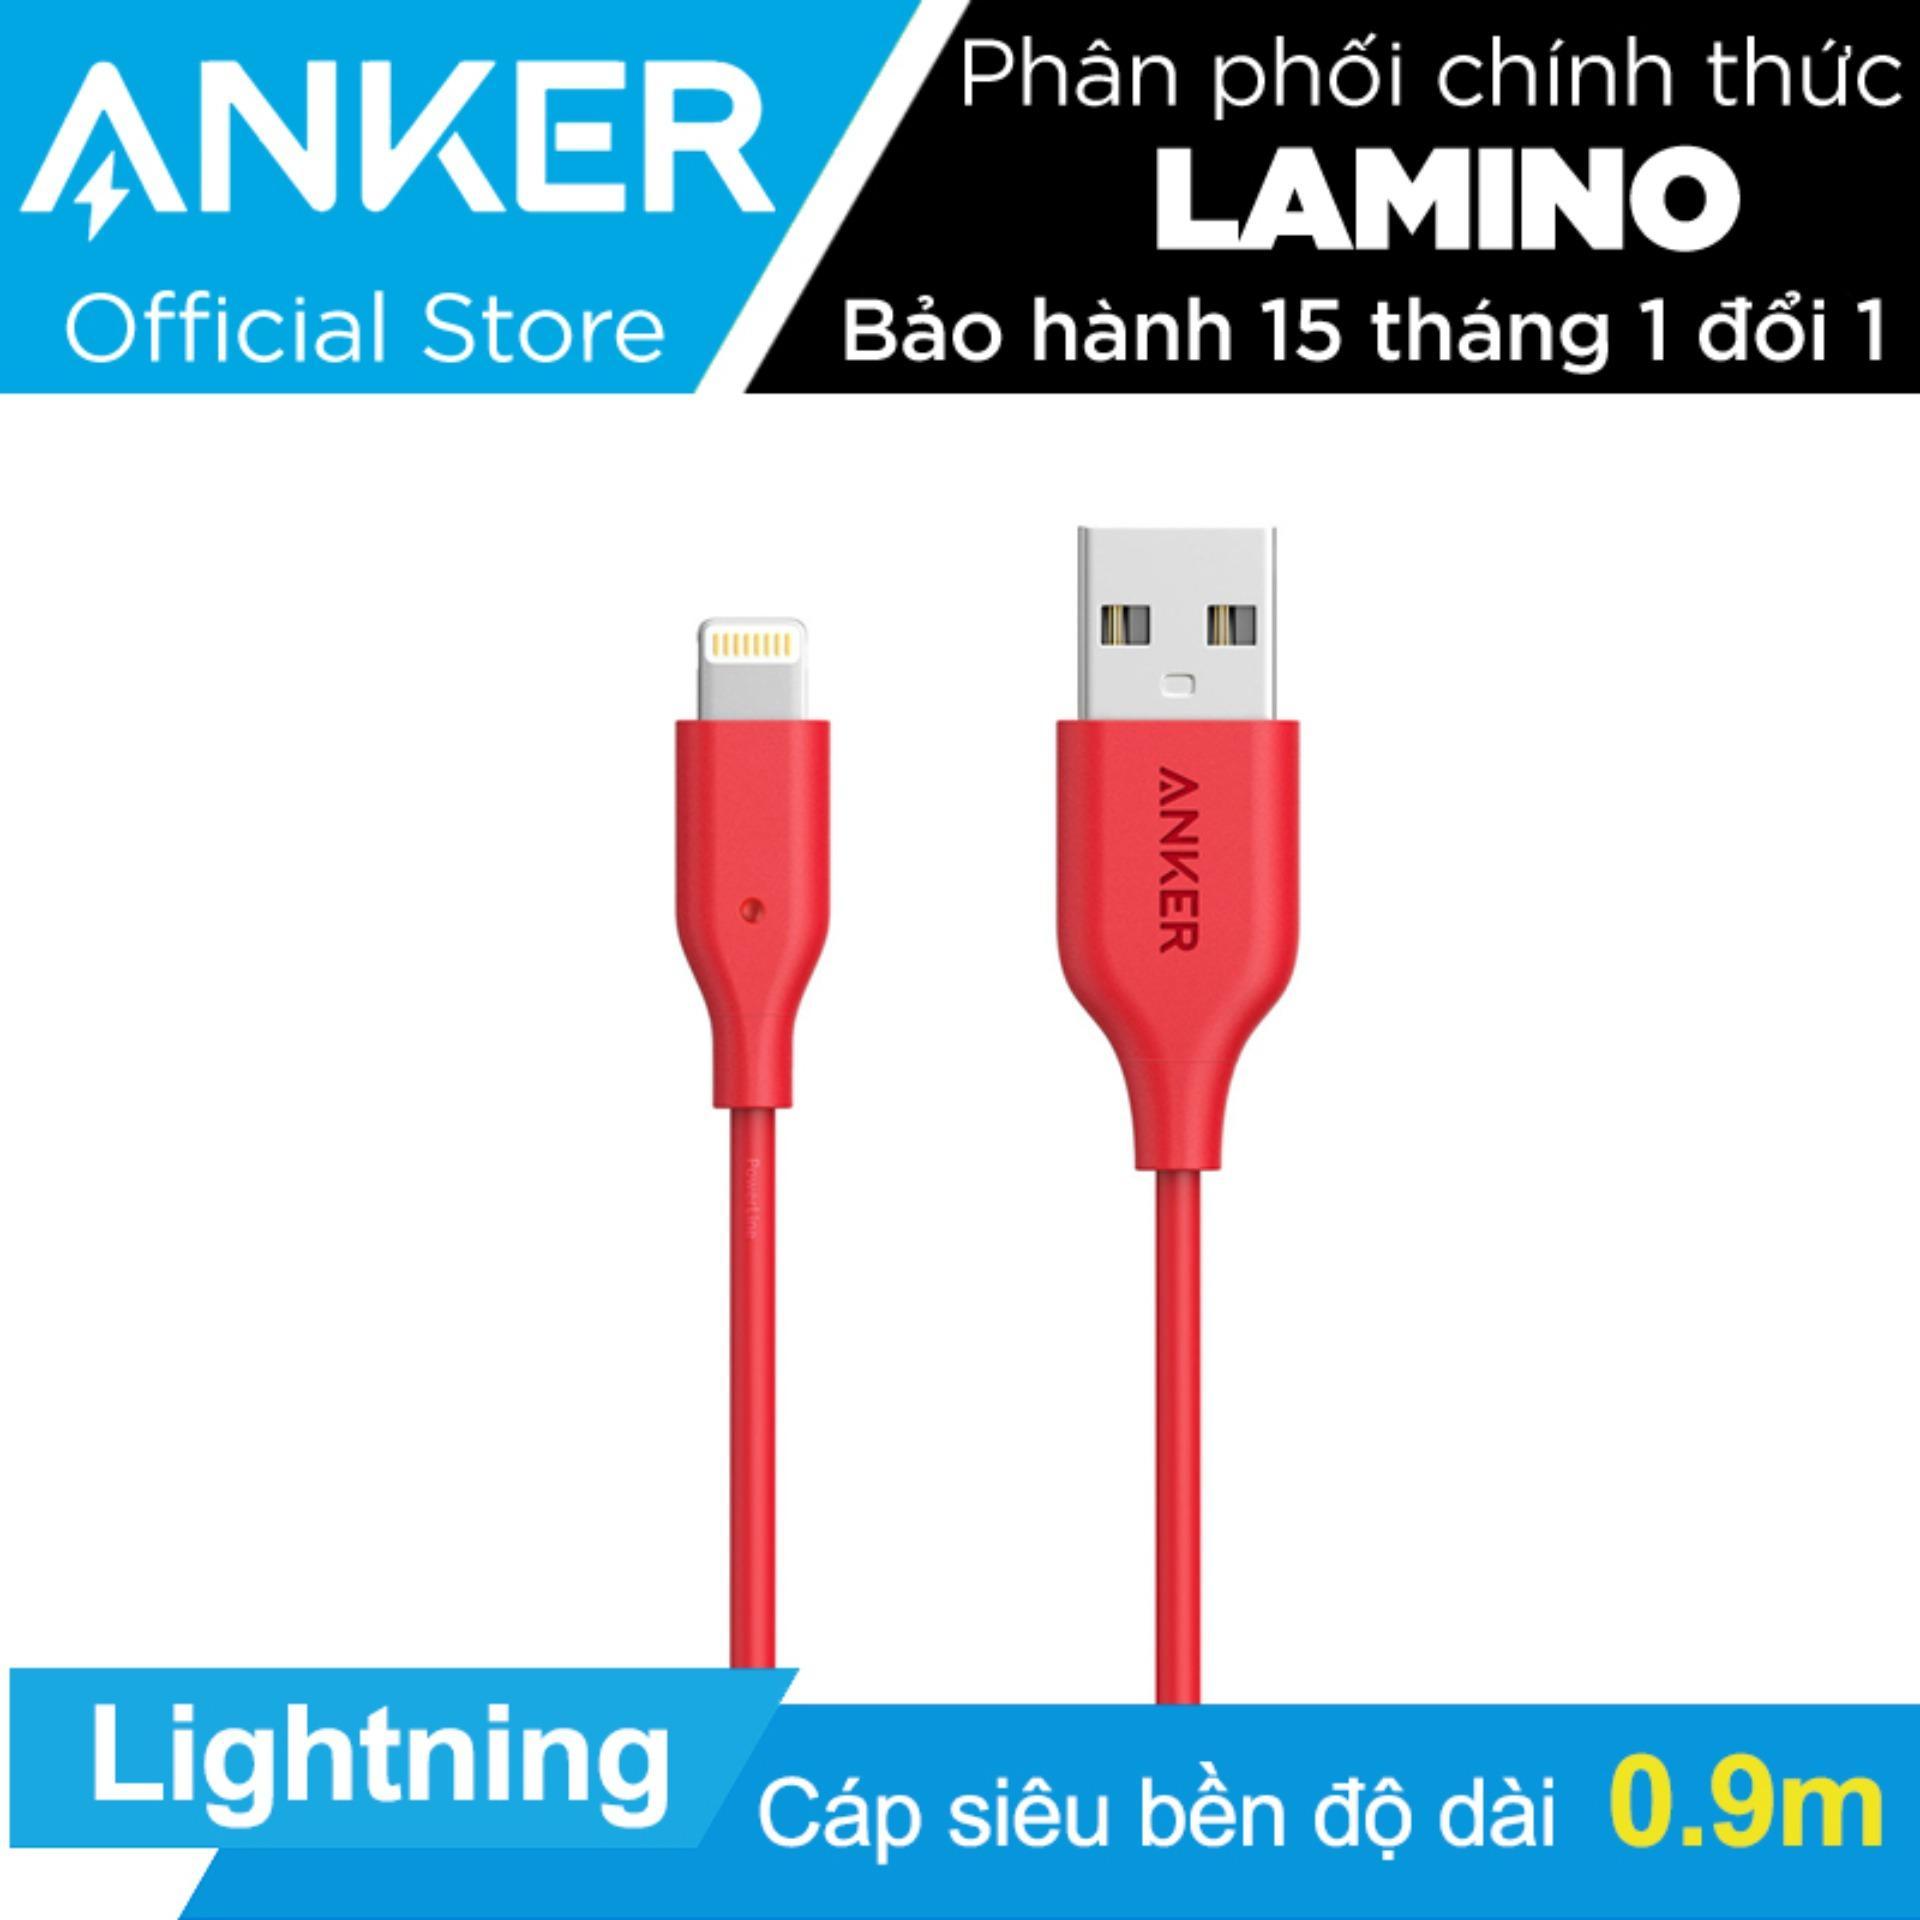 Cáp sạc siêu bền Anker PowerLine Lightning 0.9m cho iPhone iPad iPod (Đỏ) - Hãng phân phối chính thức